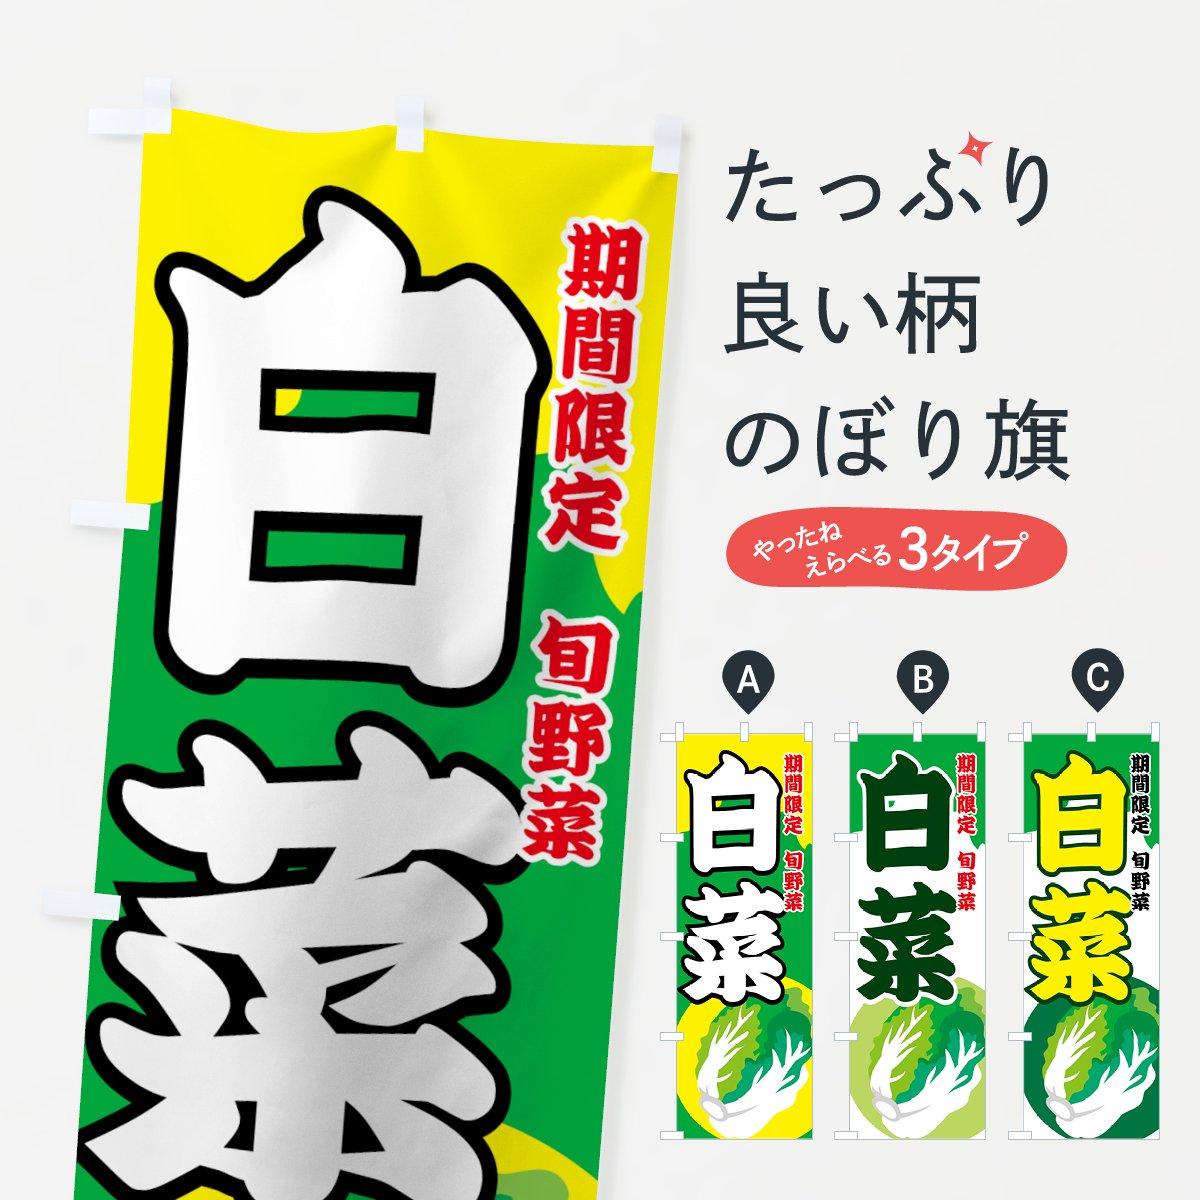 白菜のぼり旗 期間限定 旬野菜